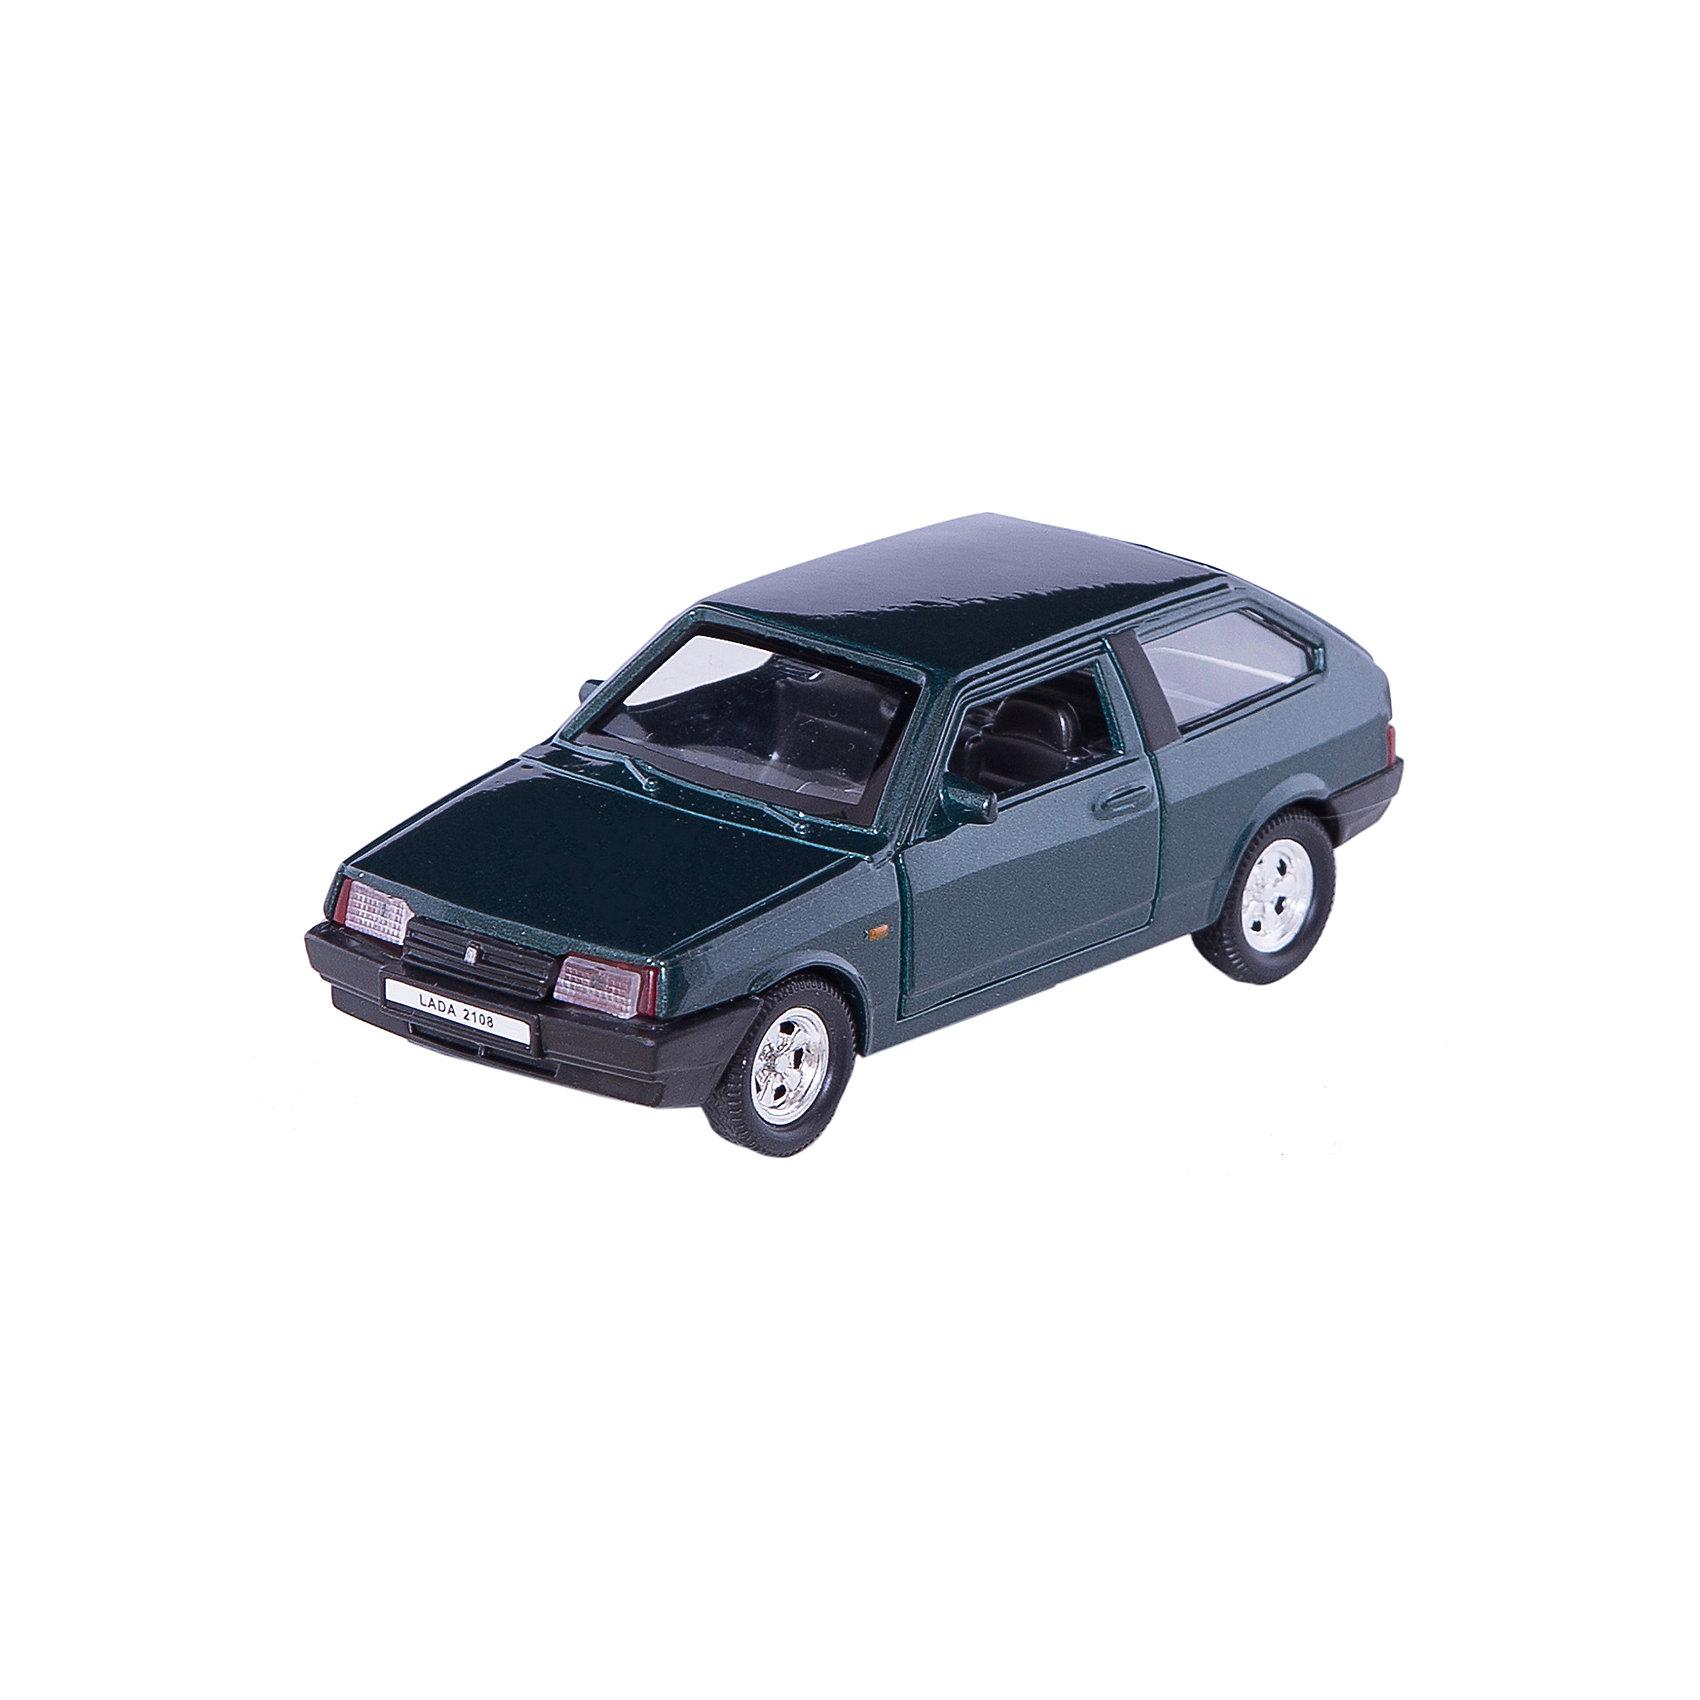 Модель машины 1:34-39 LADA 2108, WellyКоллекционные модели<br>Коллекционная модель машины Welly  масштаба 1:34-39 LADA 2108. Функции: открываются передние двери, инерционный механизм.<br>Цвет кузова автомобиля представлен в ассортименте. Выбрать определенный цвет заранее не представляется возможным.<br><br>Ширина мм: 60<br>Глубина мм: 110<br>Высота мм: 140<br>Вес г: 163<br>Возраст от месяцев: 36<br>Возраст до месяцев: 192<br>Пол: Мужской<br>Возраст: Детский<br>SKU: 4966505